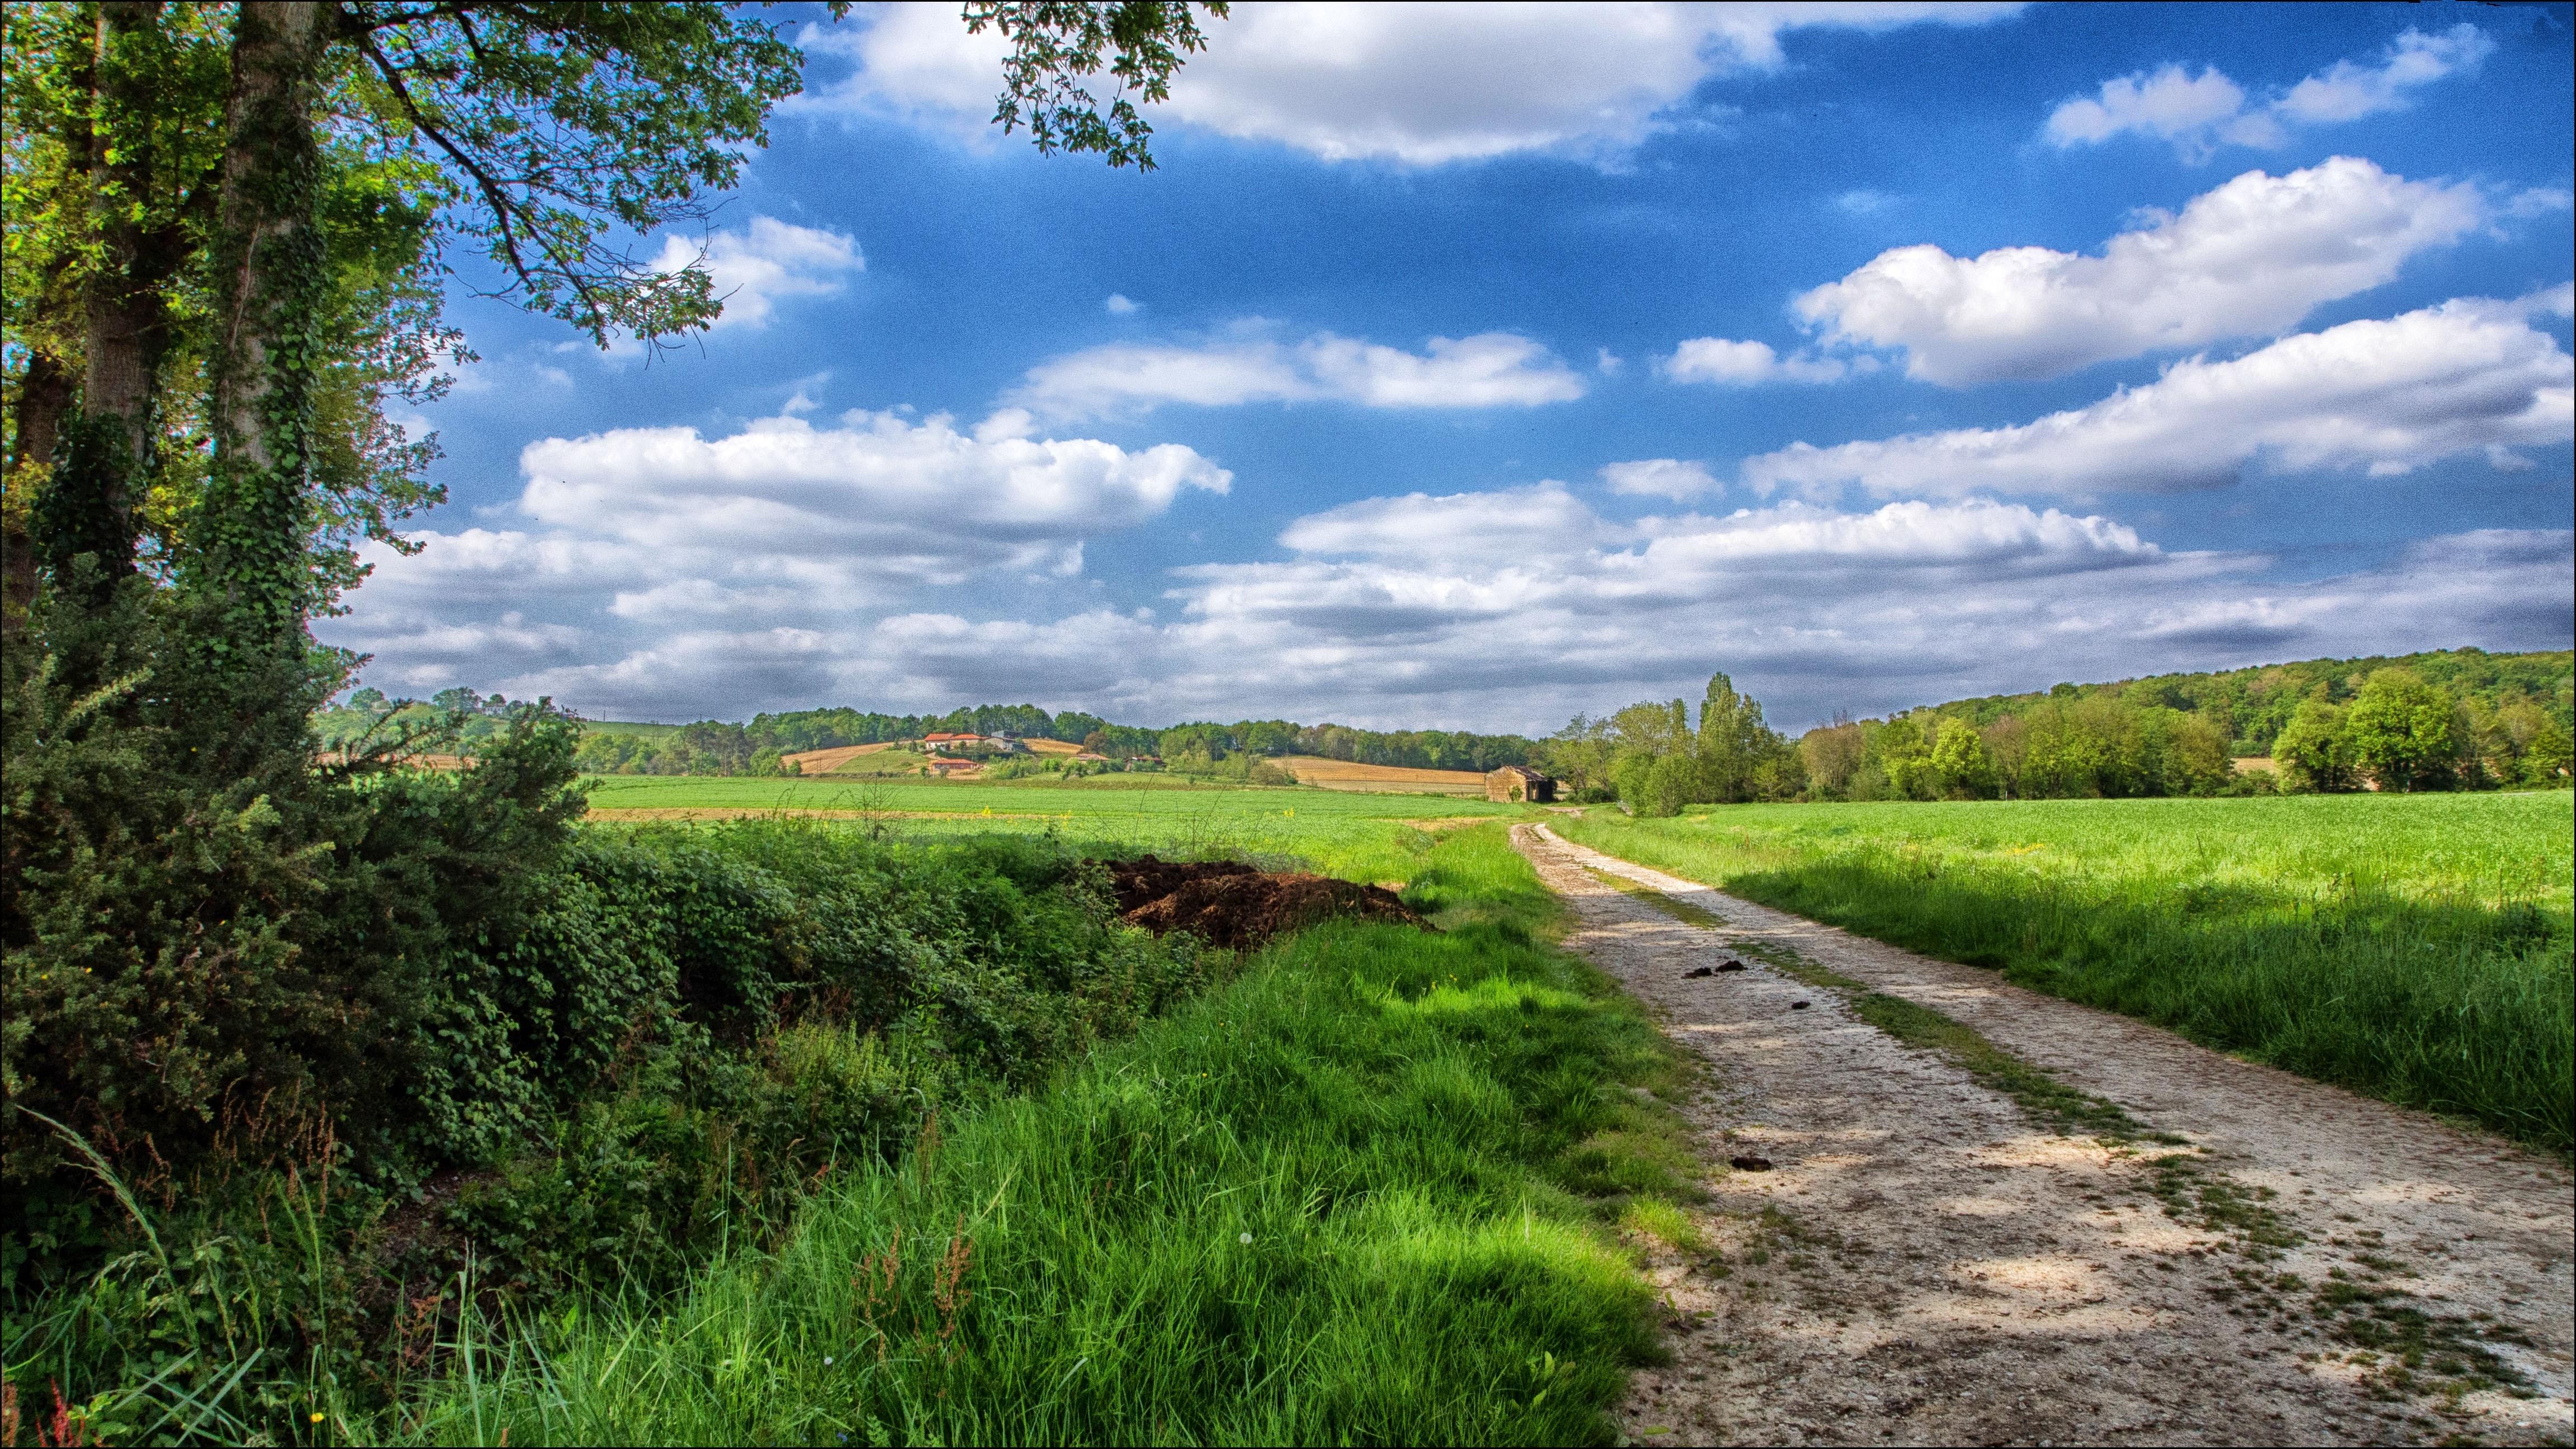 146194壁紙のダウンロード自然, 道路, 道, スカイ, フィールド, 畑, 風景-スクリーンセーバーと写真を無料で